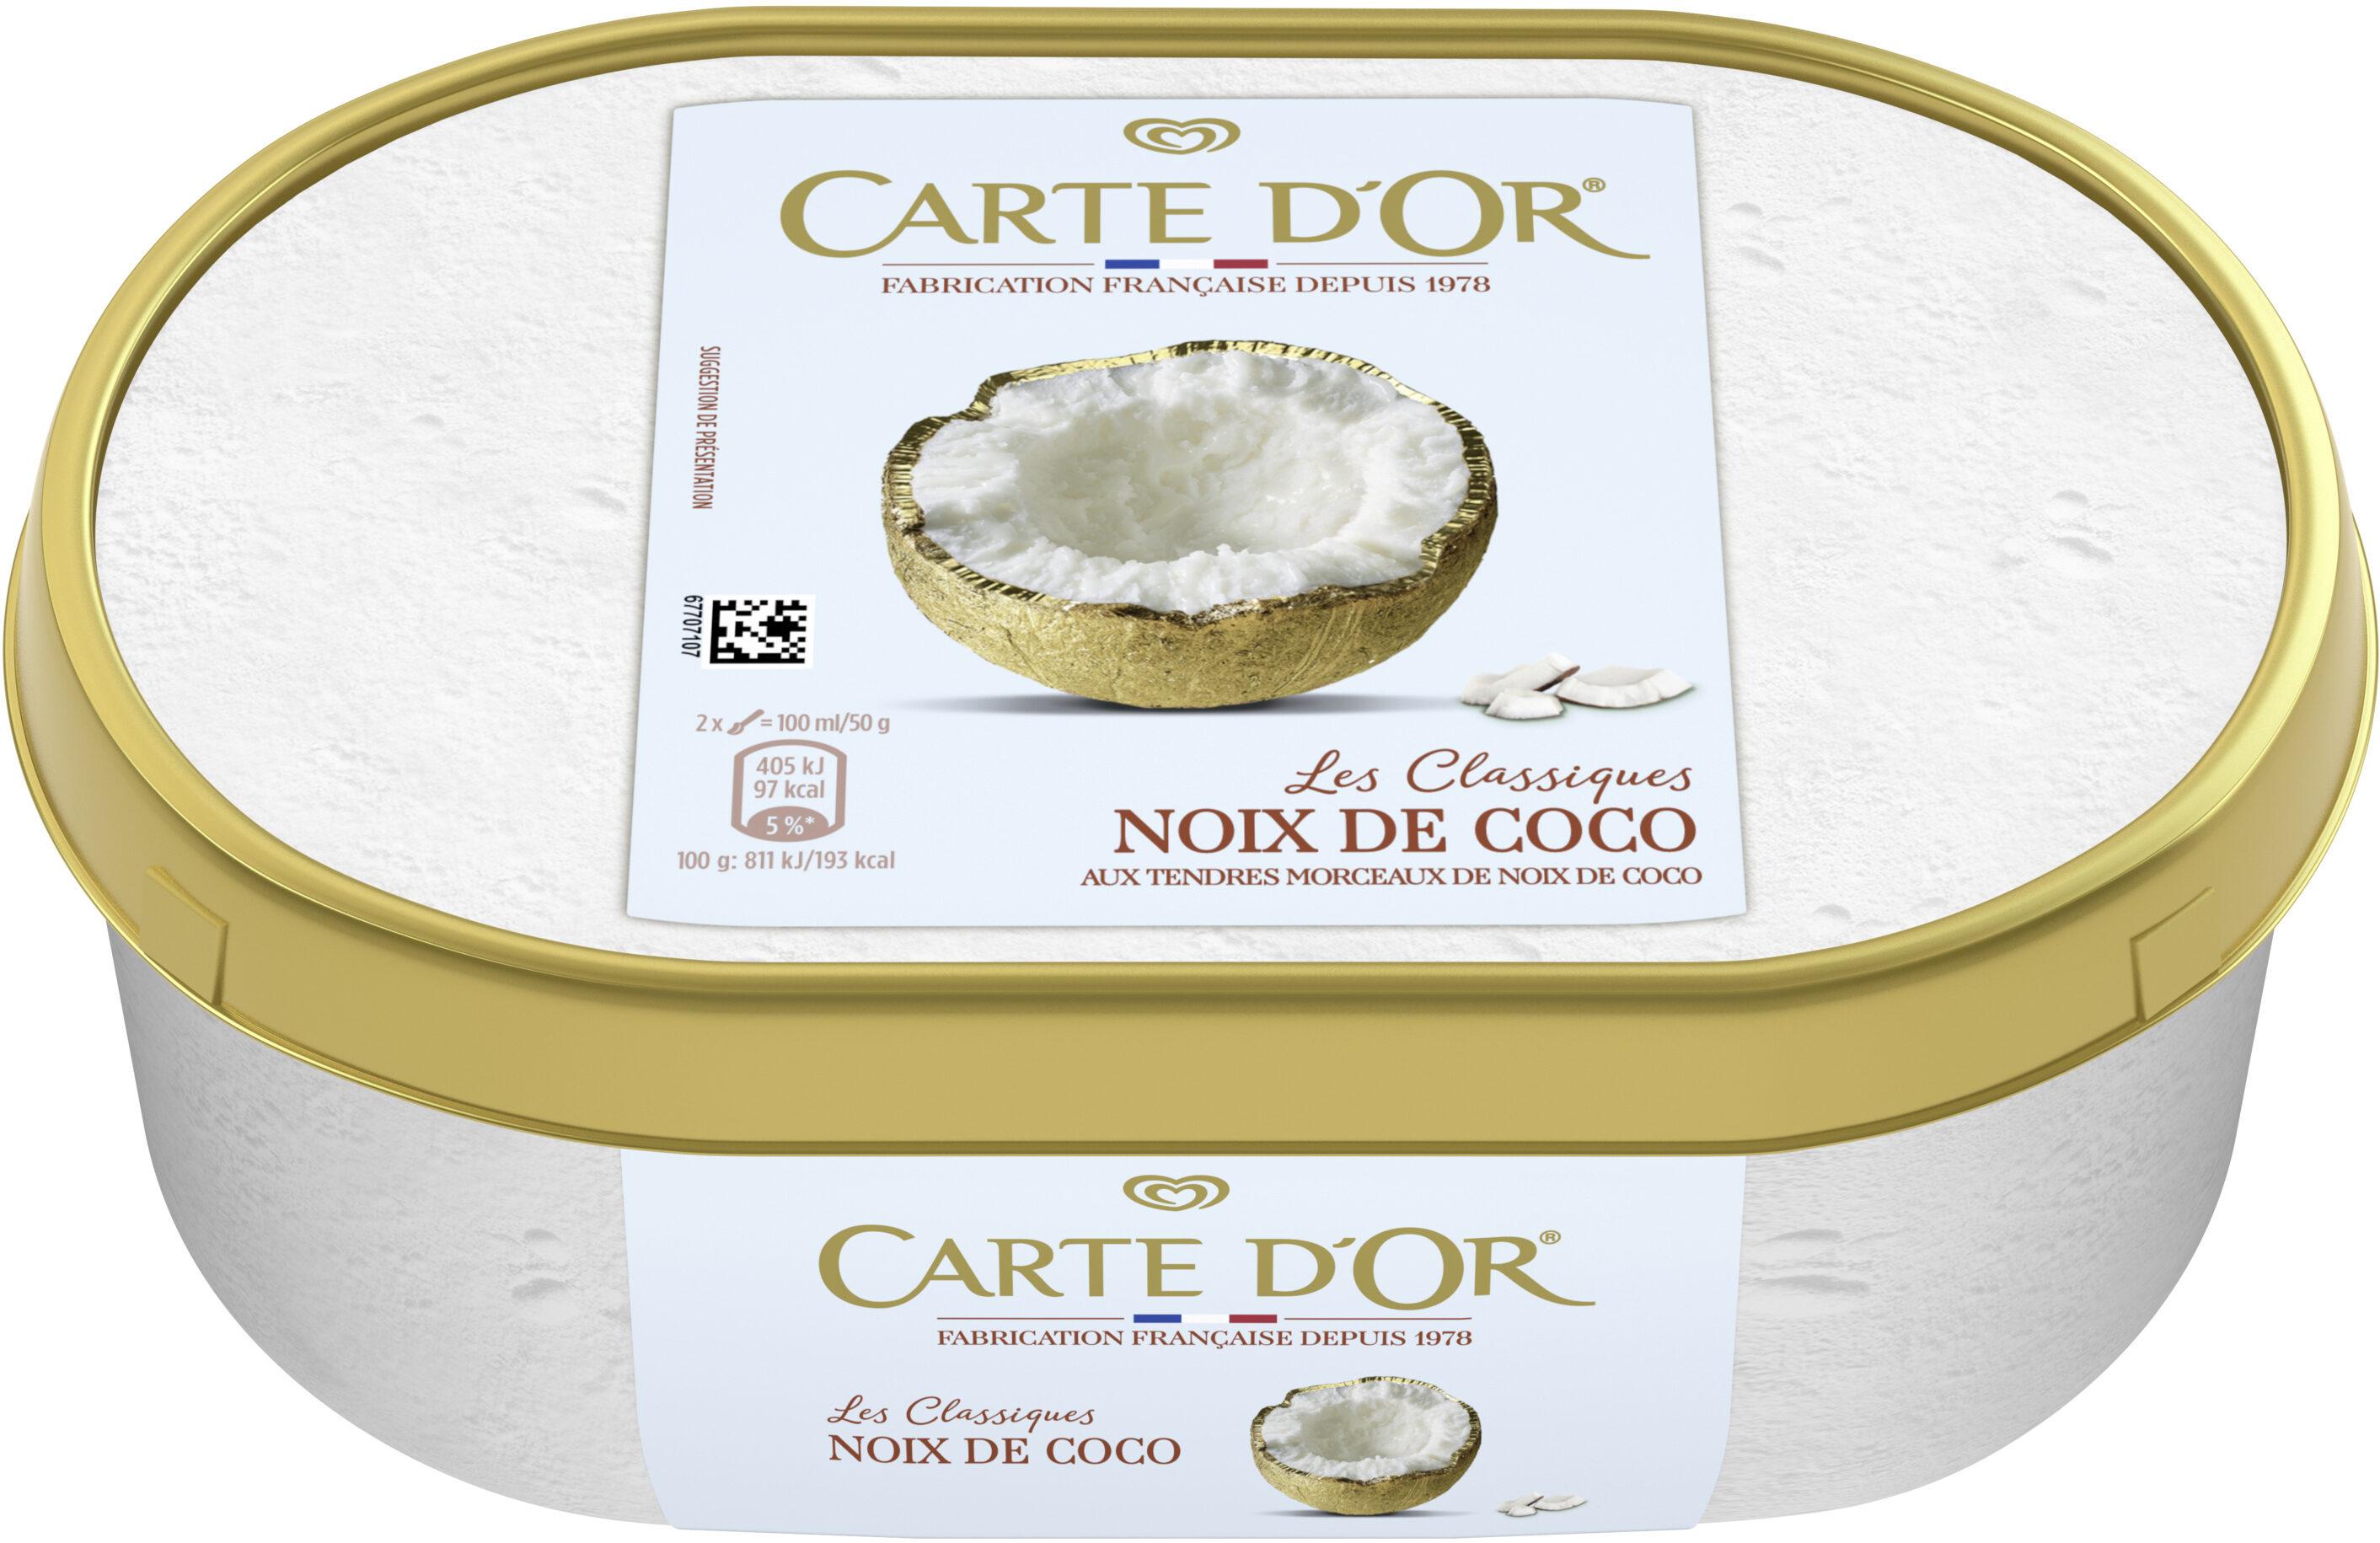 Carte D'or Glace Noix de Coco 1000ml - Product - fr